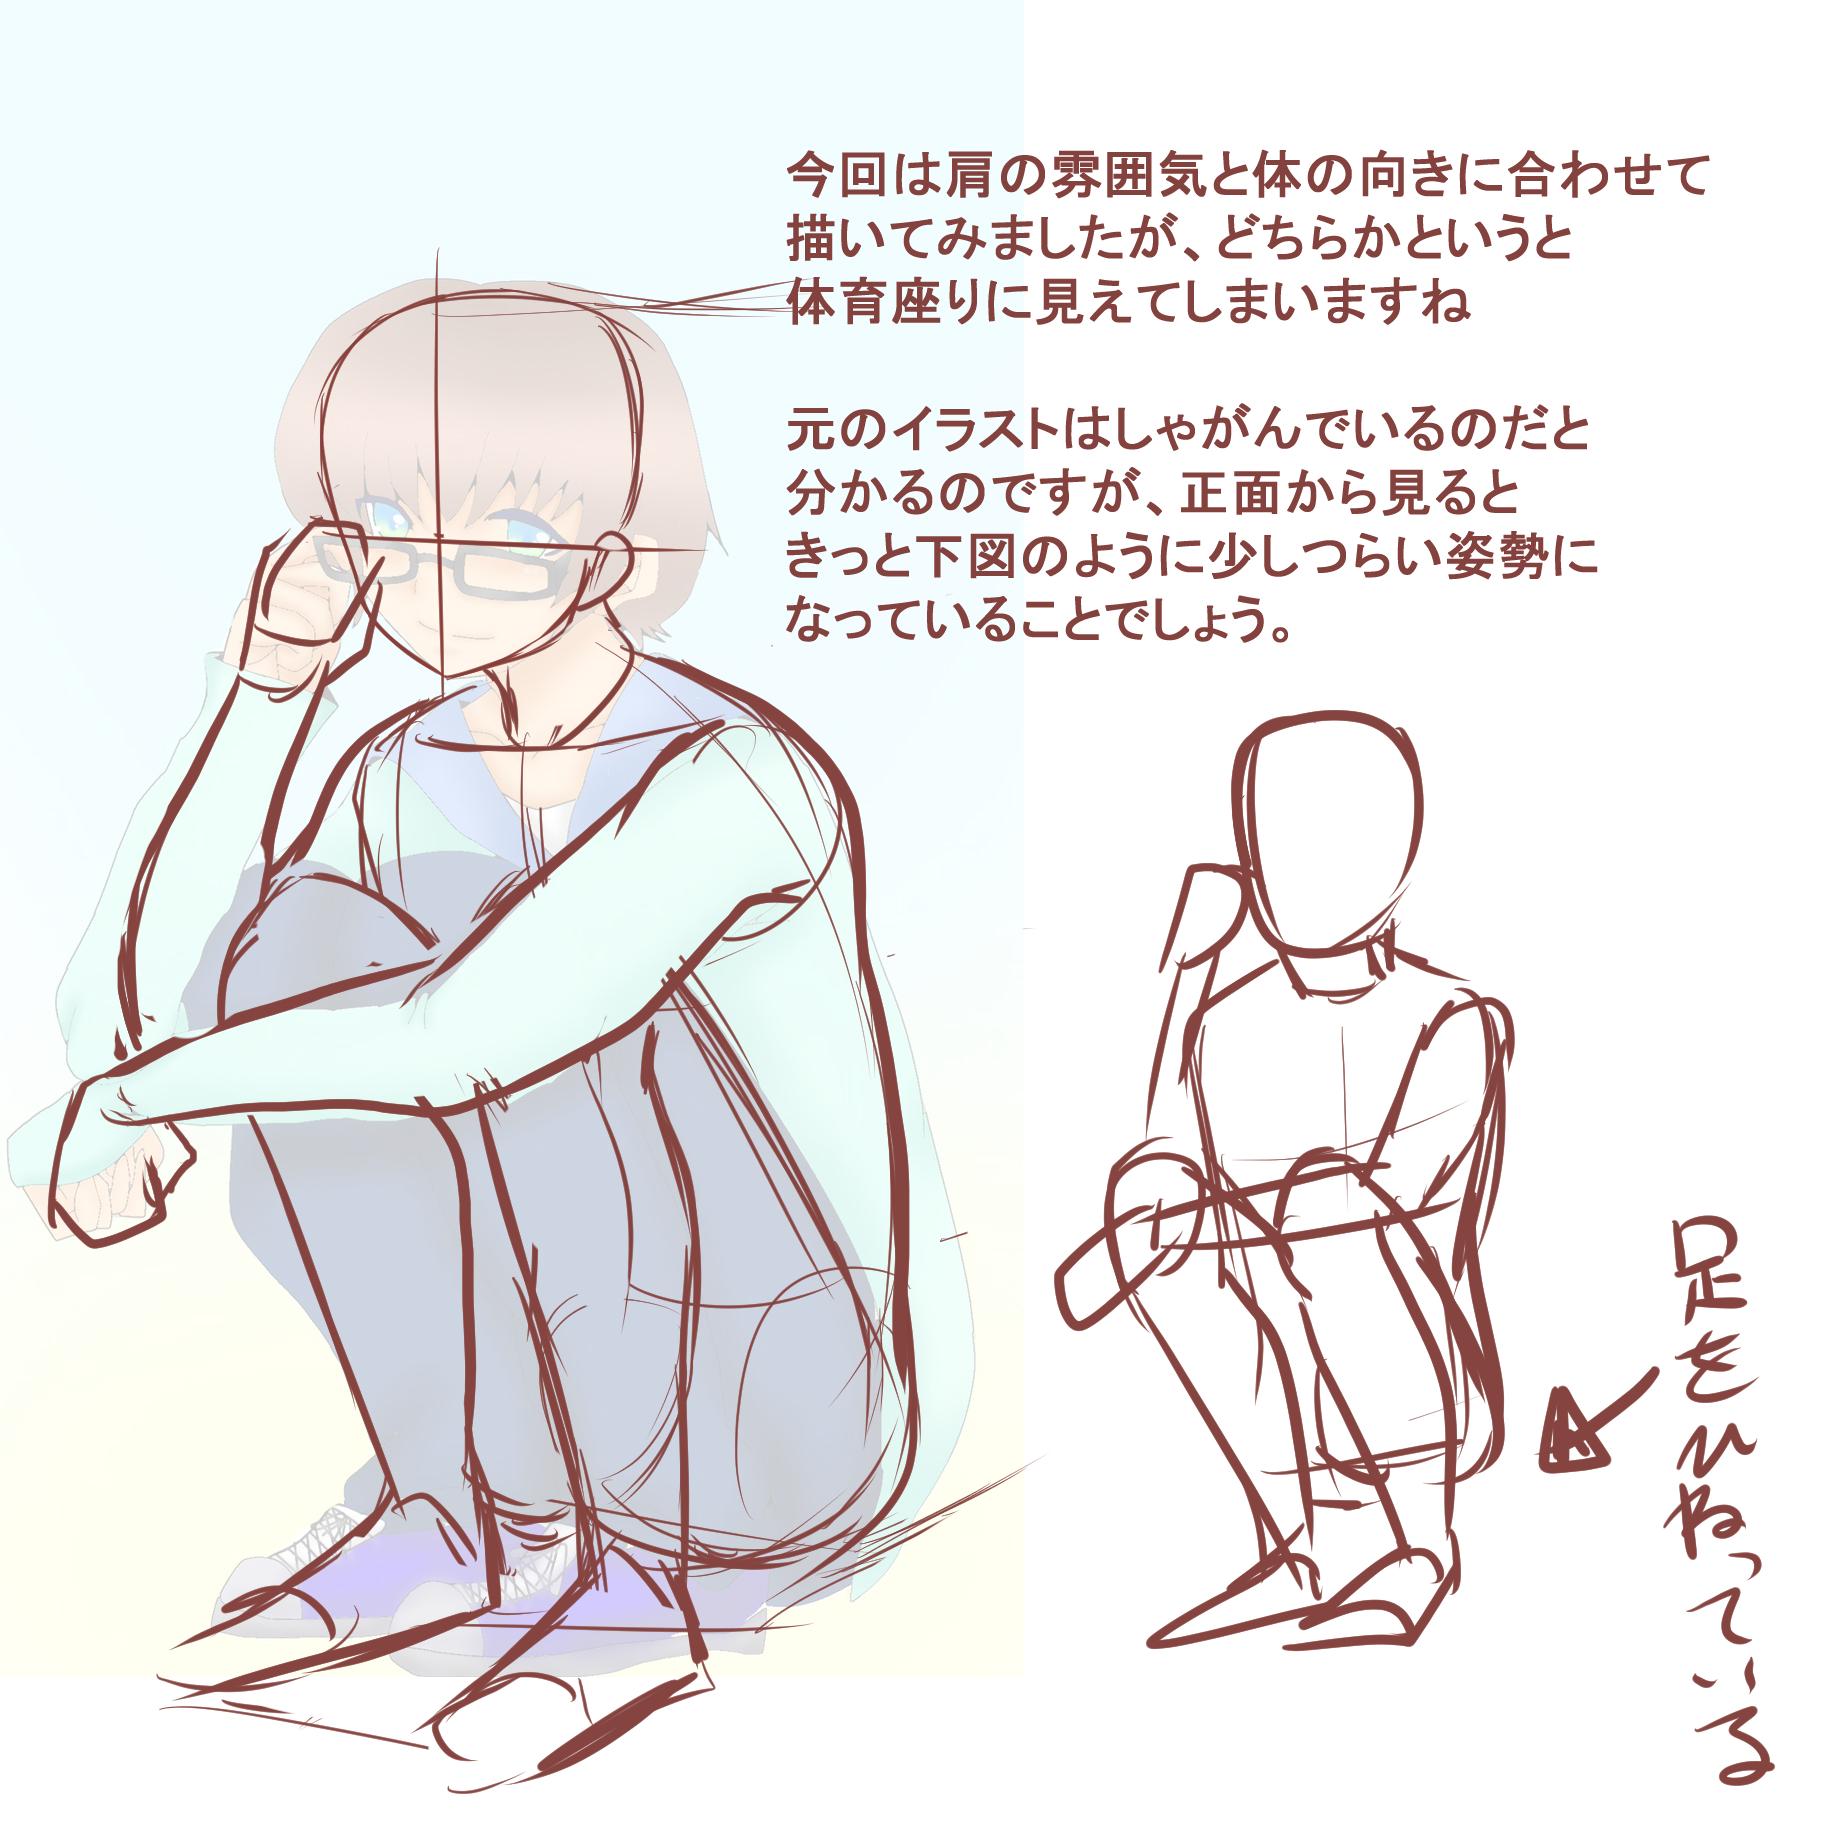 姿勢の違和感